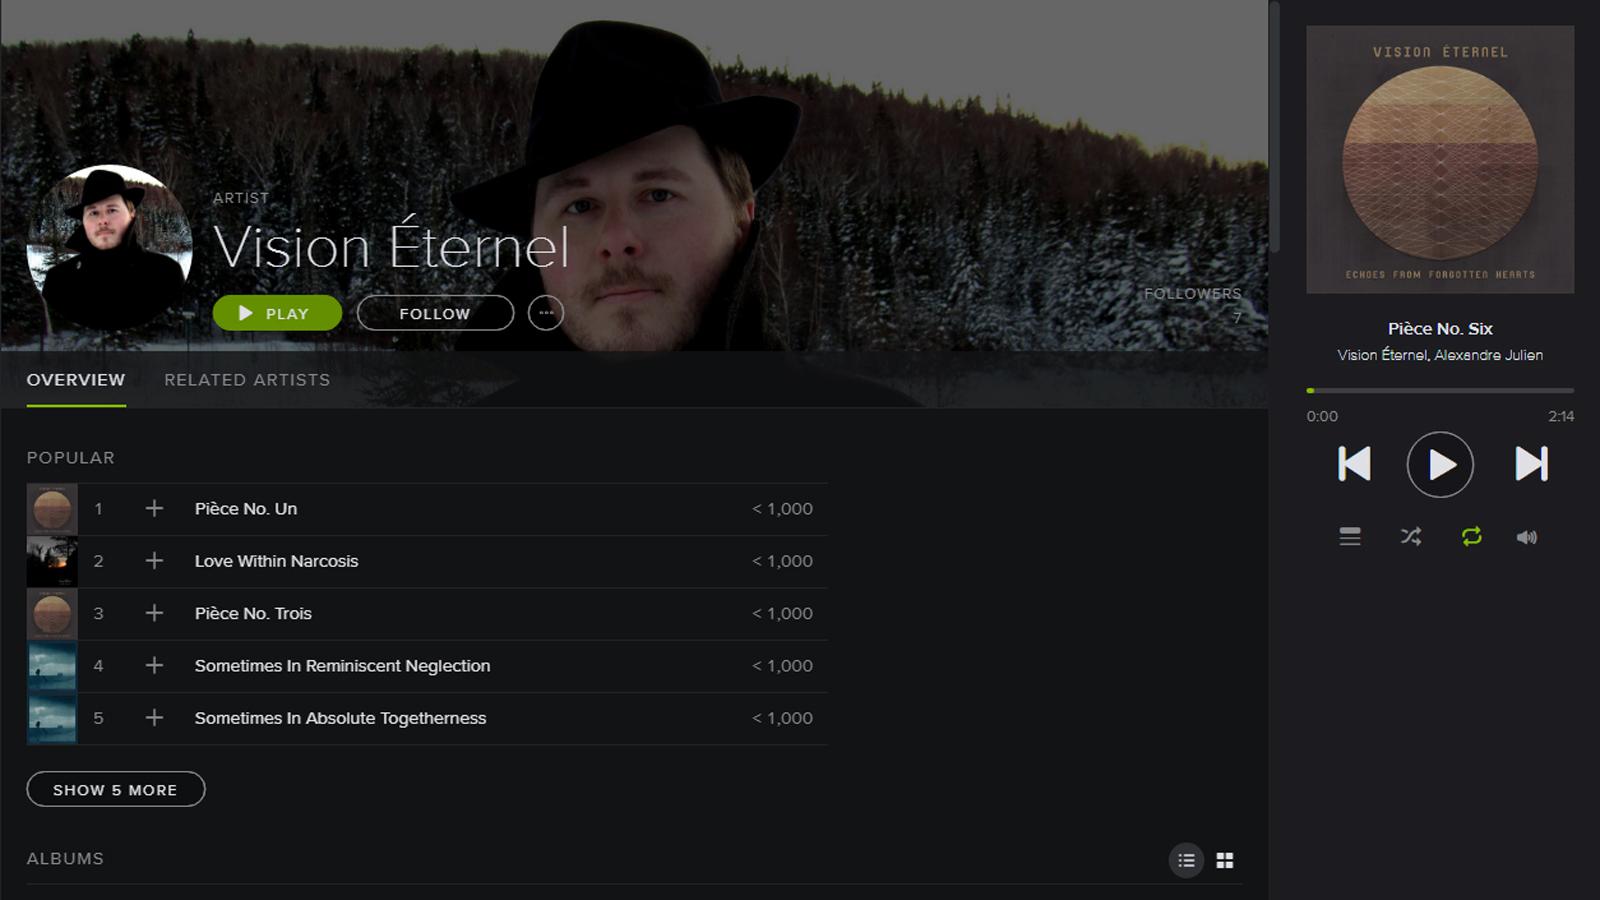 Follow Vision Éternel On Spotify